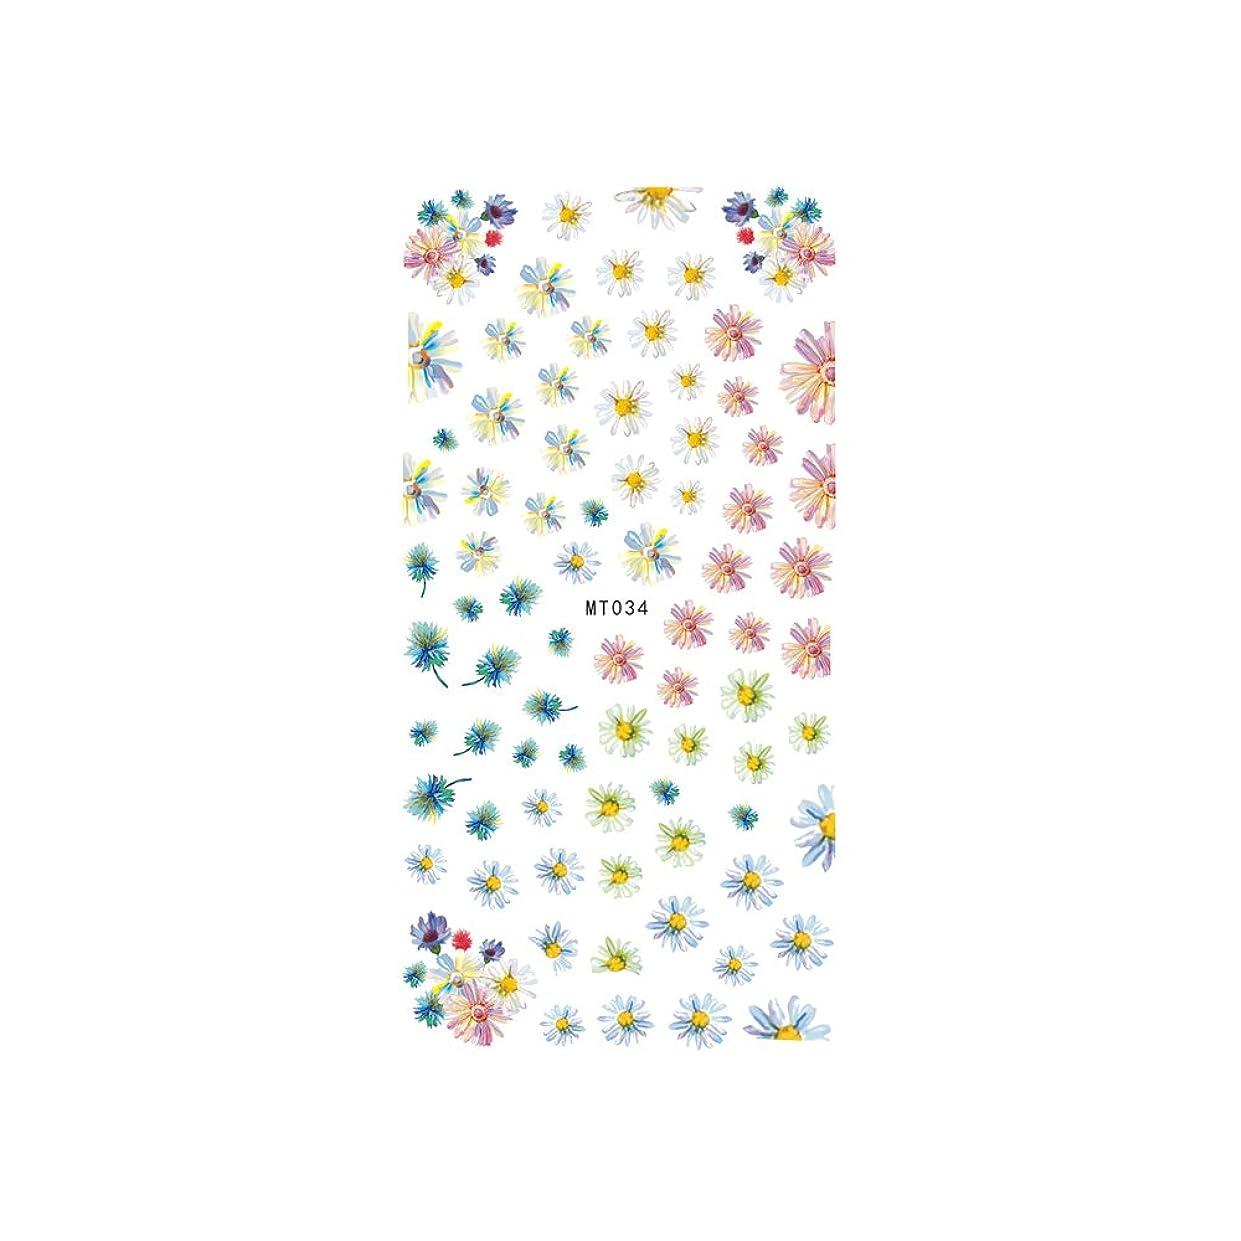 砂漠社員いじめっ子【MT034】マーガレットフラワーシール ジェルネイル ネイルアート 花柄 フラワー セルフネイル